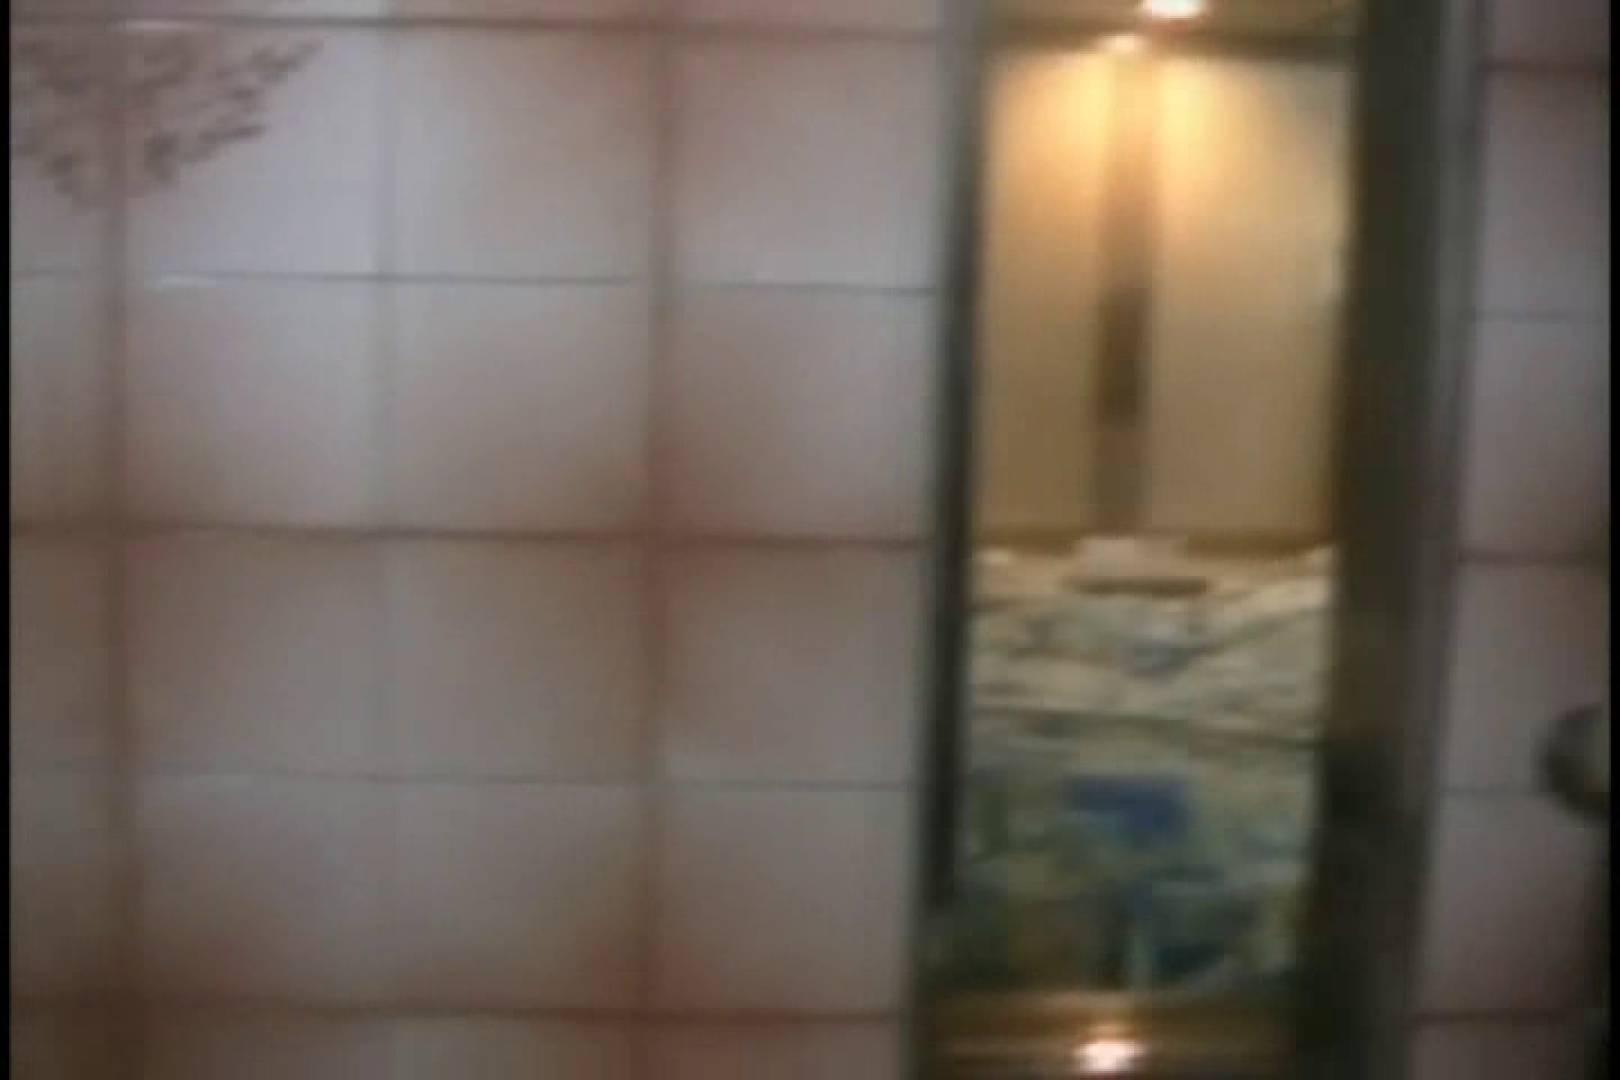 ウイルス流出 Sachiのアルバム ホテル えろ無修正画像 91pic 3